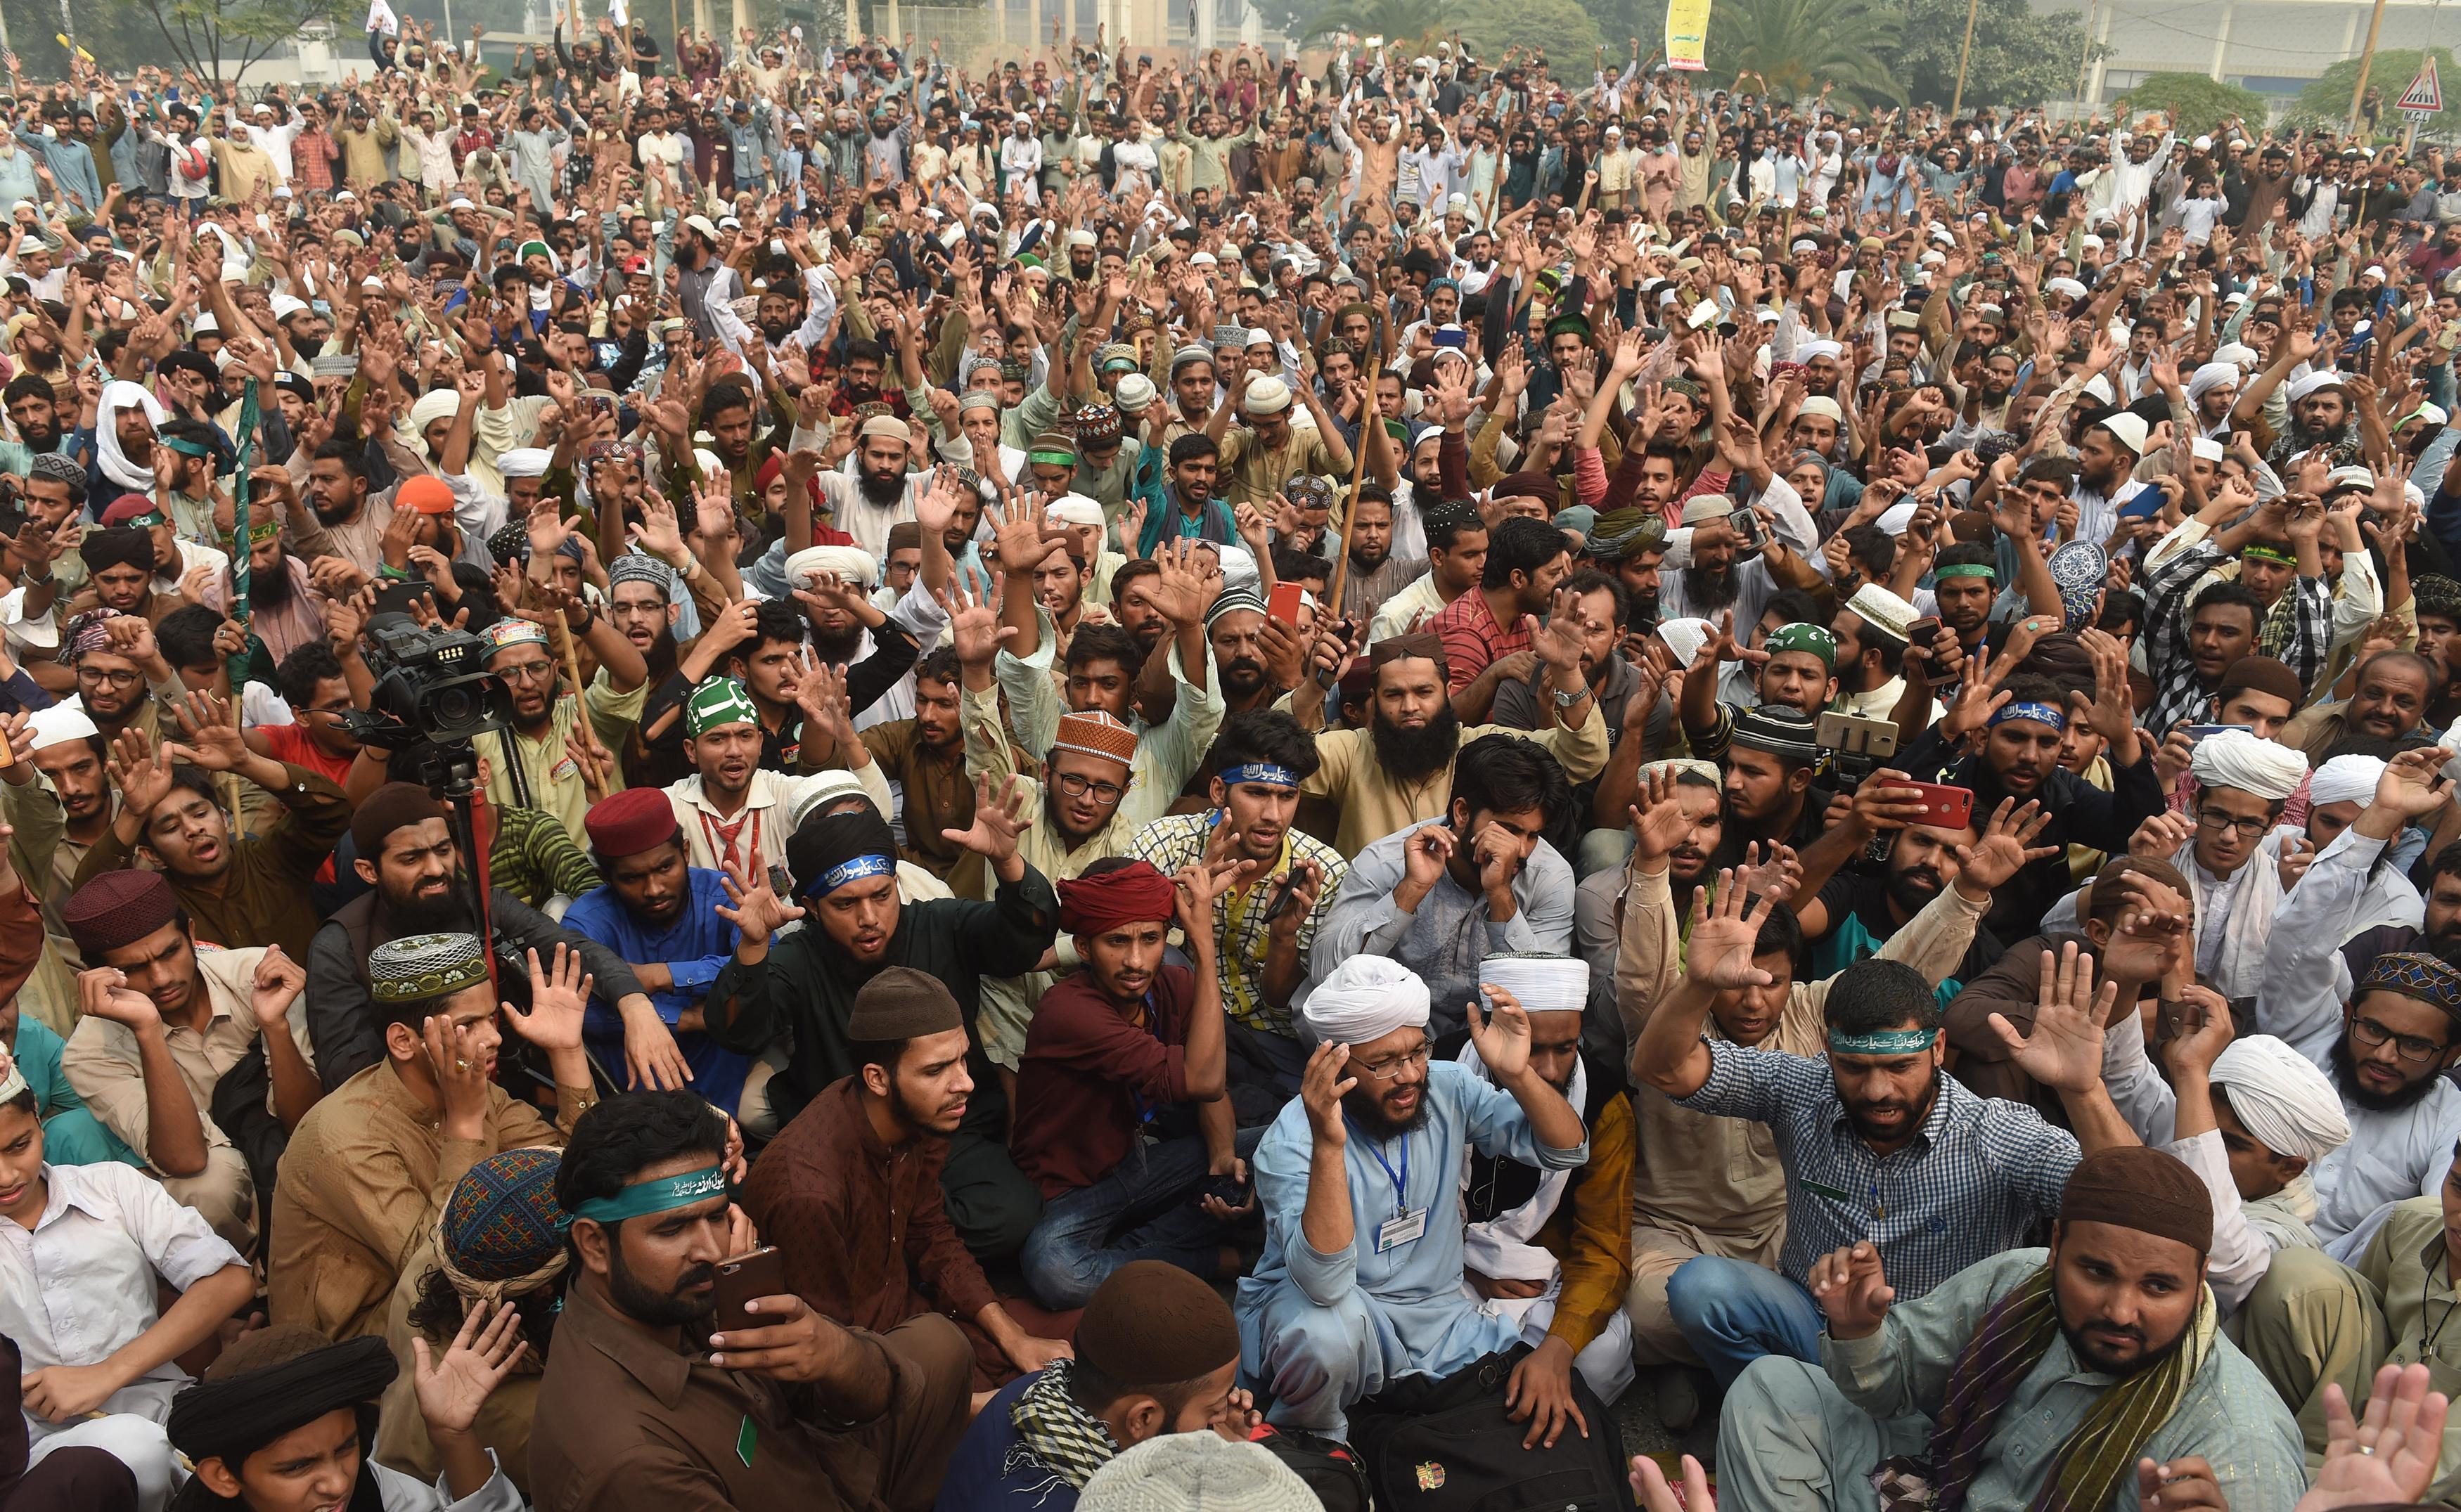 مذہبی انتہا پسندوں کے خلاف عمران خان کے نقطہٴ نظر نے پذیرائی حاصل کی